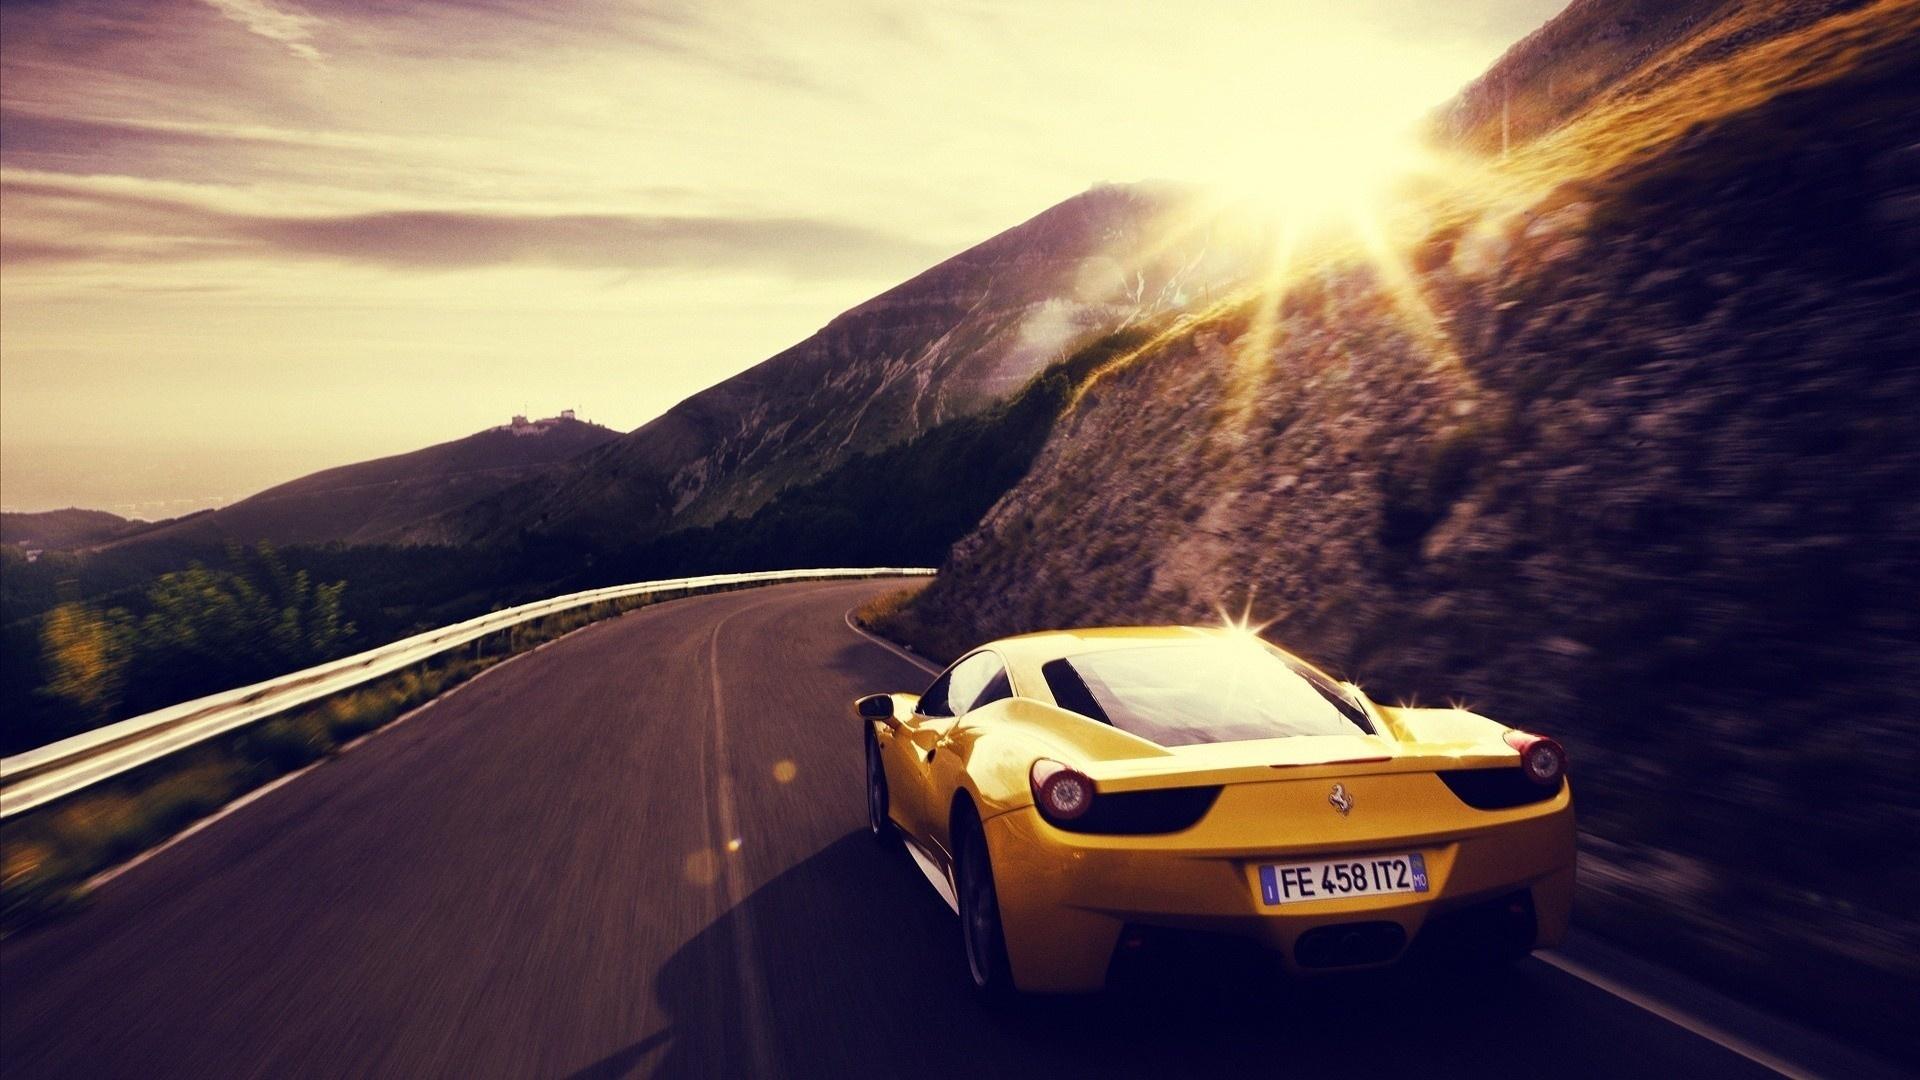 красивые фото в горах крутых авто карте